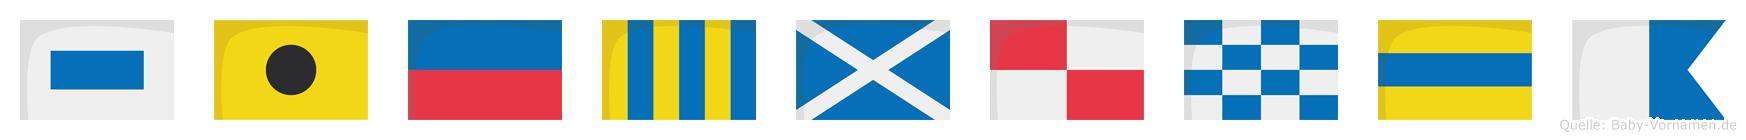 Siegmunda im Flaggenalphabet